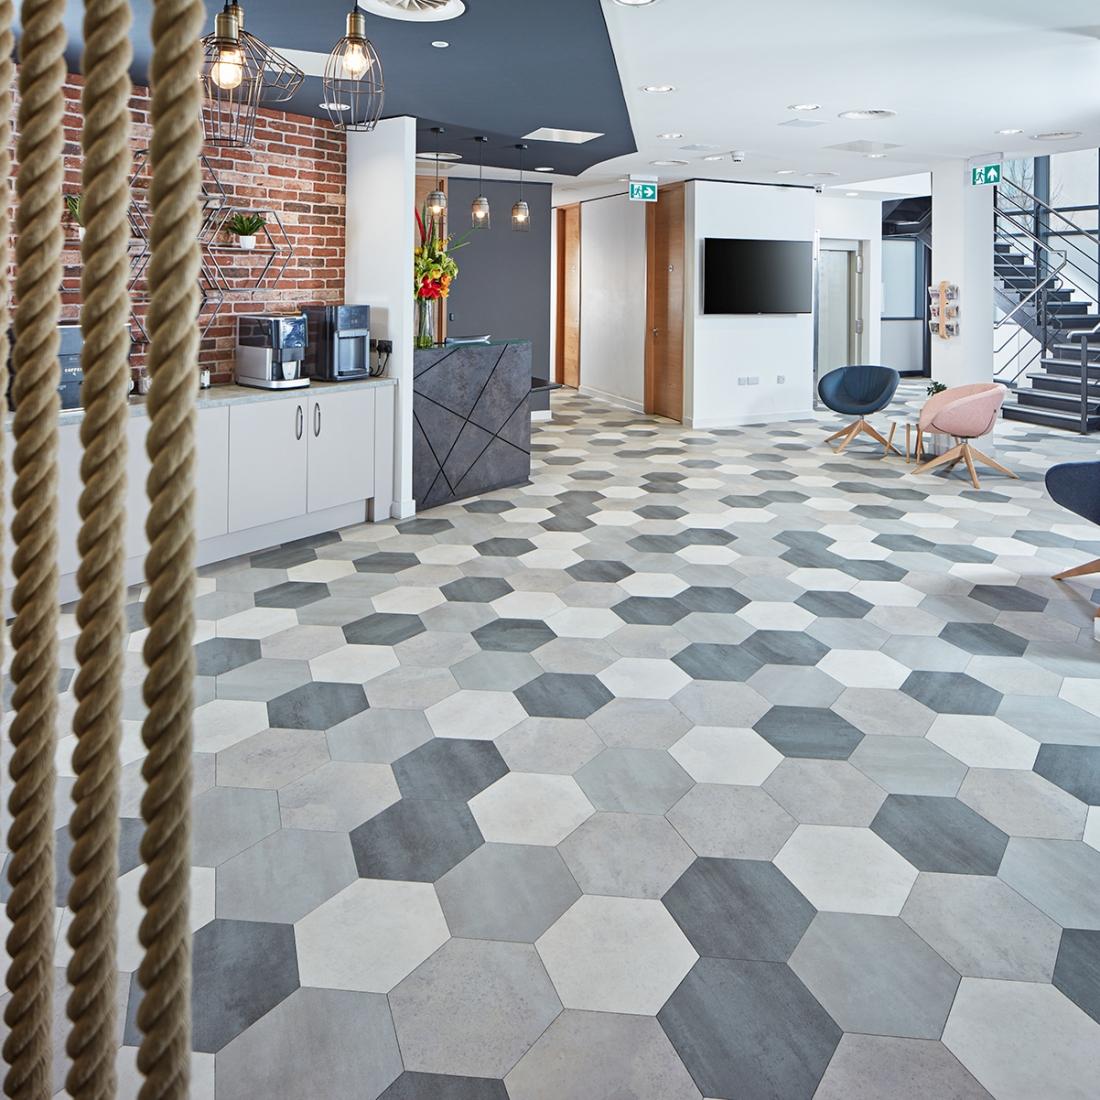 Karndean Designflooring - Alliance Homes.